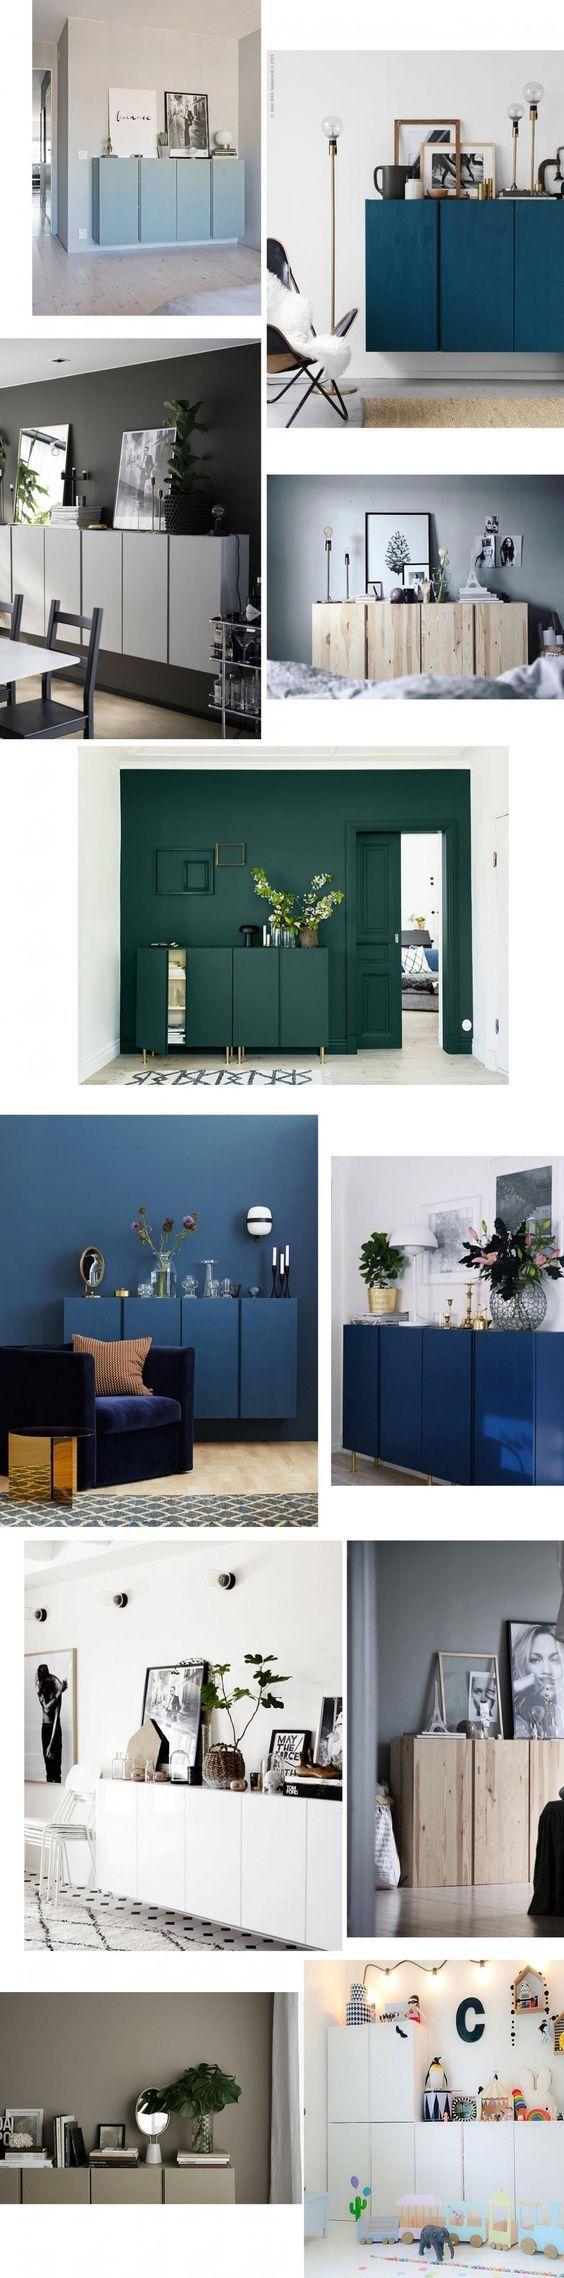 IKEA IVAR Schrnke Frs Wohnzimmer Mit Farbe Sehen Sie So Edel Aus